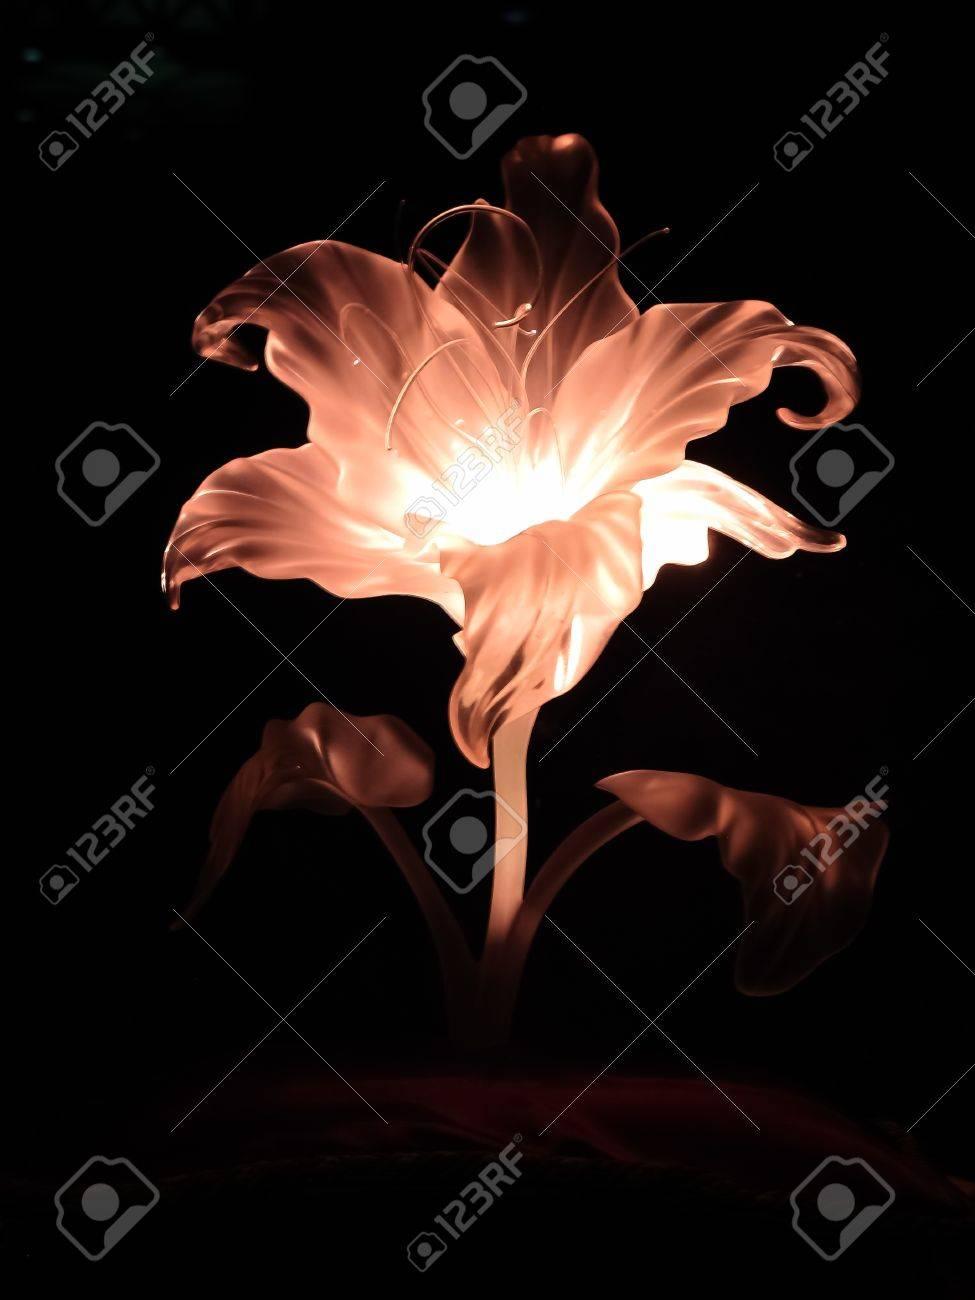 ラプンツェル S 魔法の花 の写真素材画像素材 Image 15540059